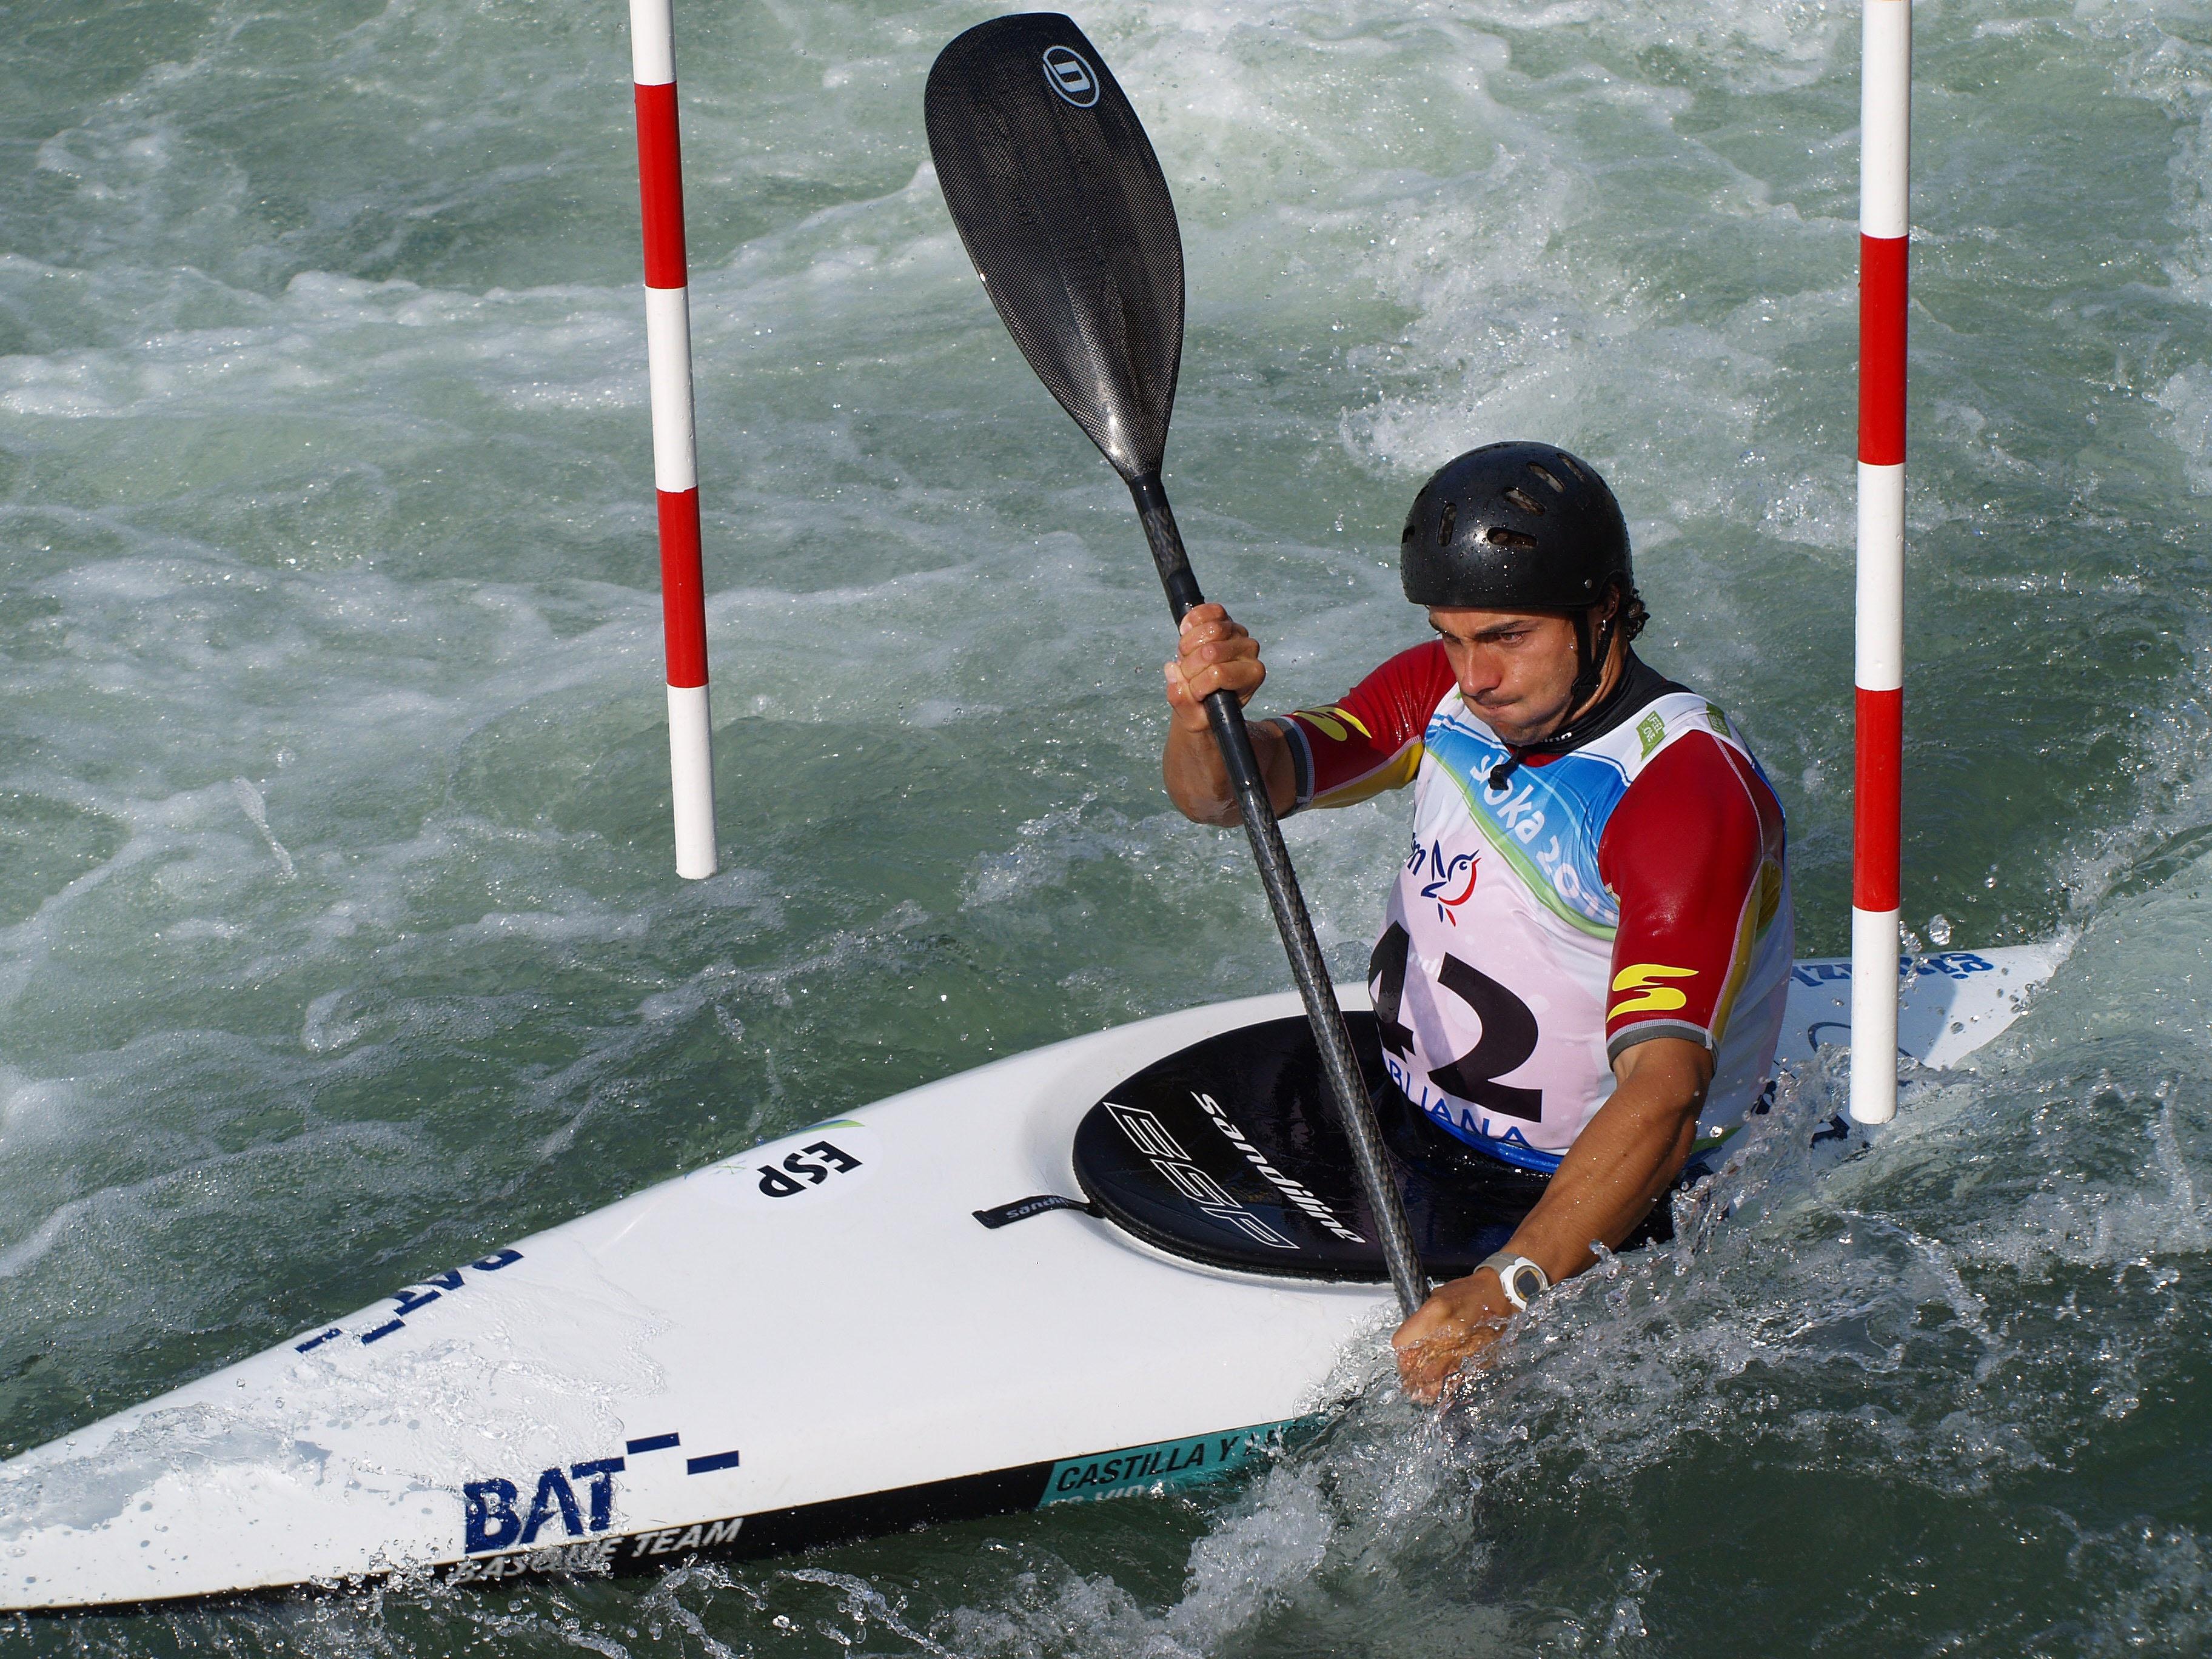 Hernanz, Crespo, Elosegi, Domenjó y Vilarrubla pasan a semifinales del Mundial de slalom olímpico